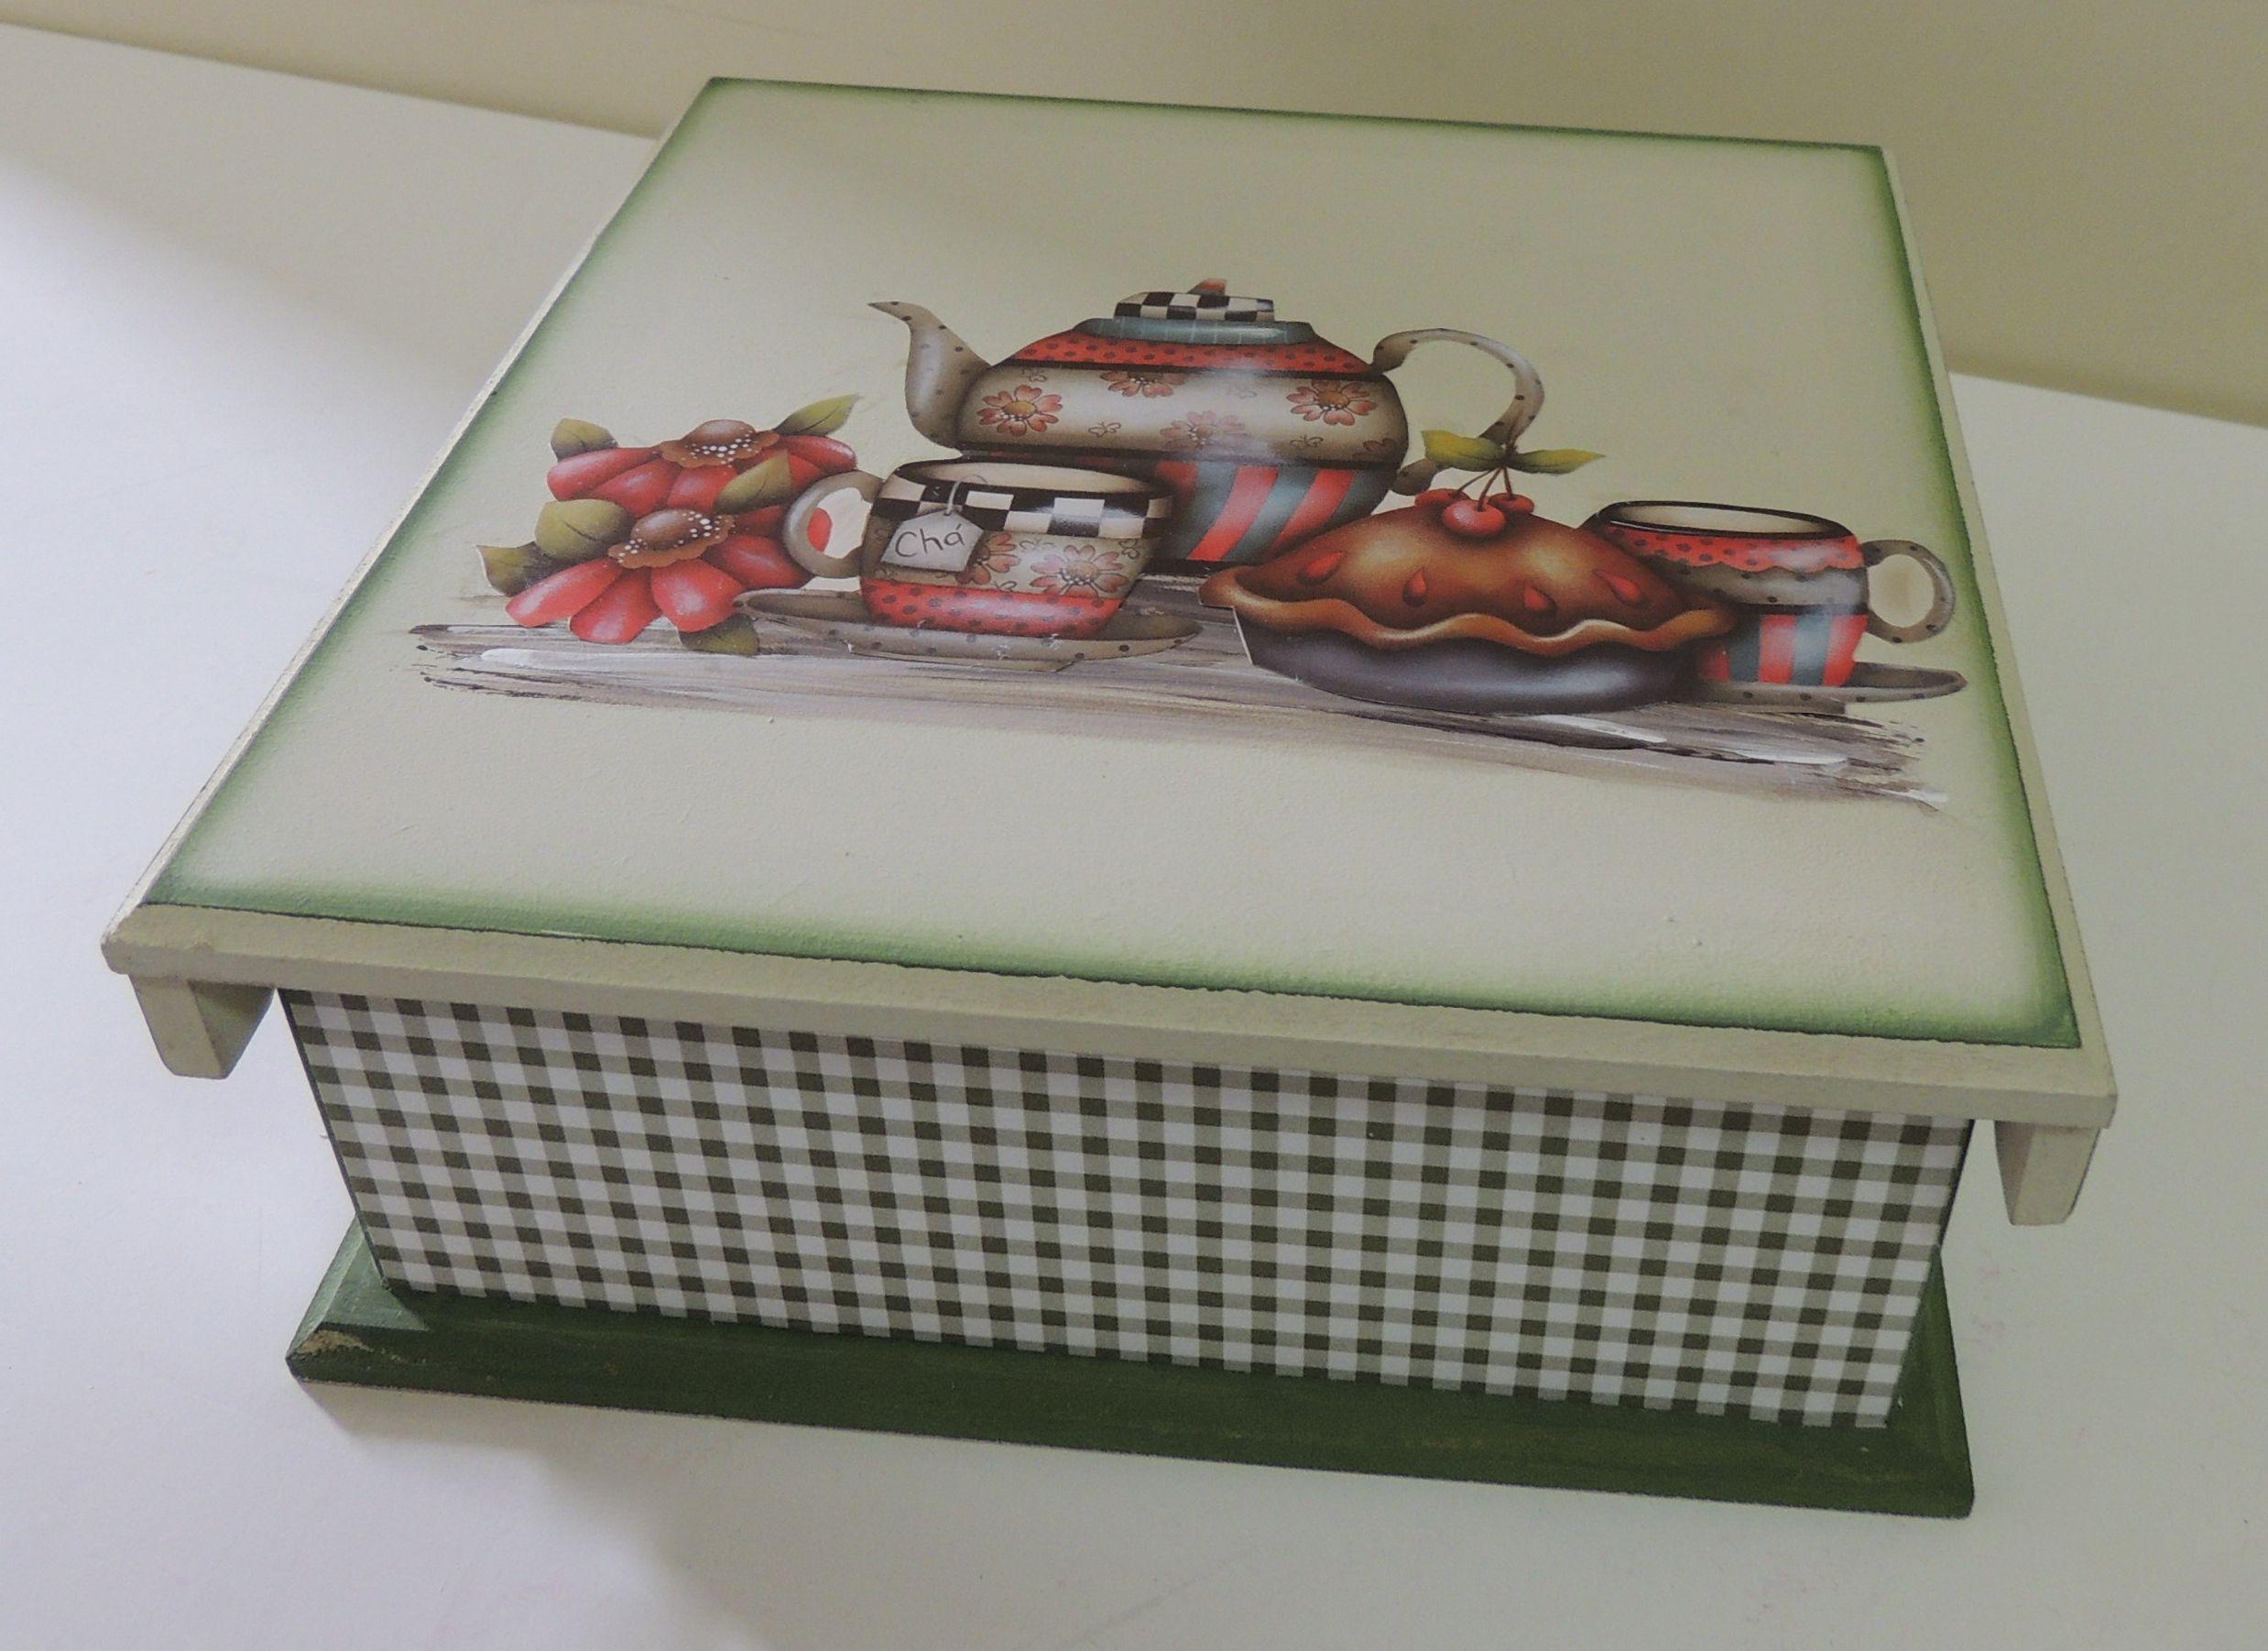 Caixa de Chá em MDF decorada com técnicas mistas de pintura, decoupage e papel de scrap.